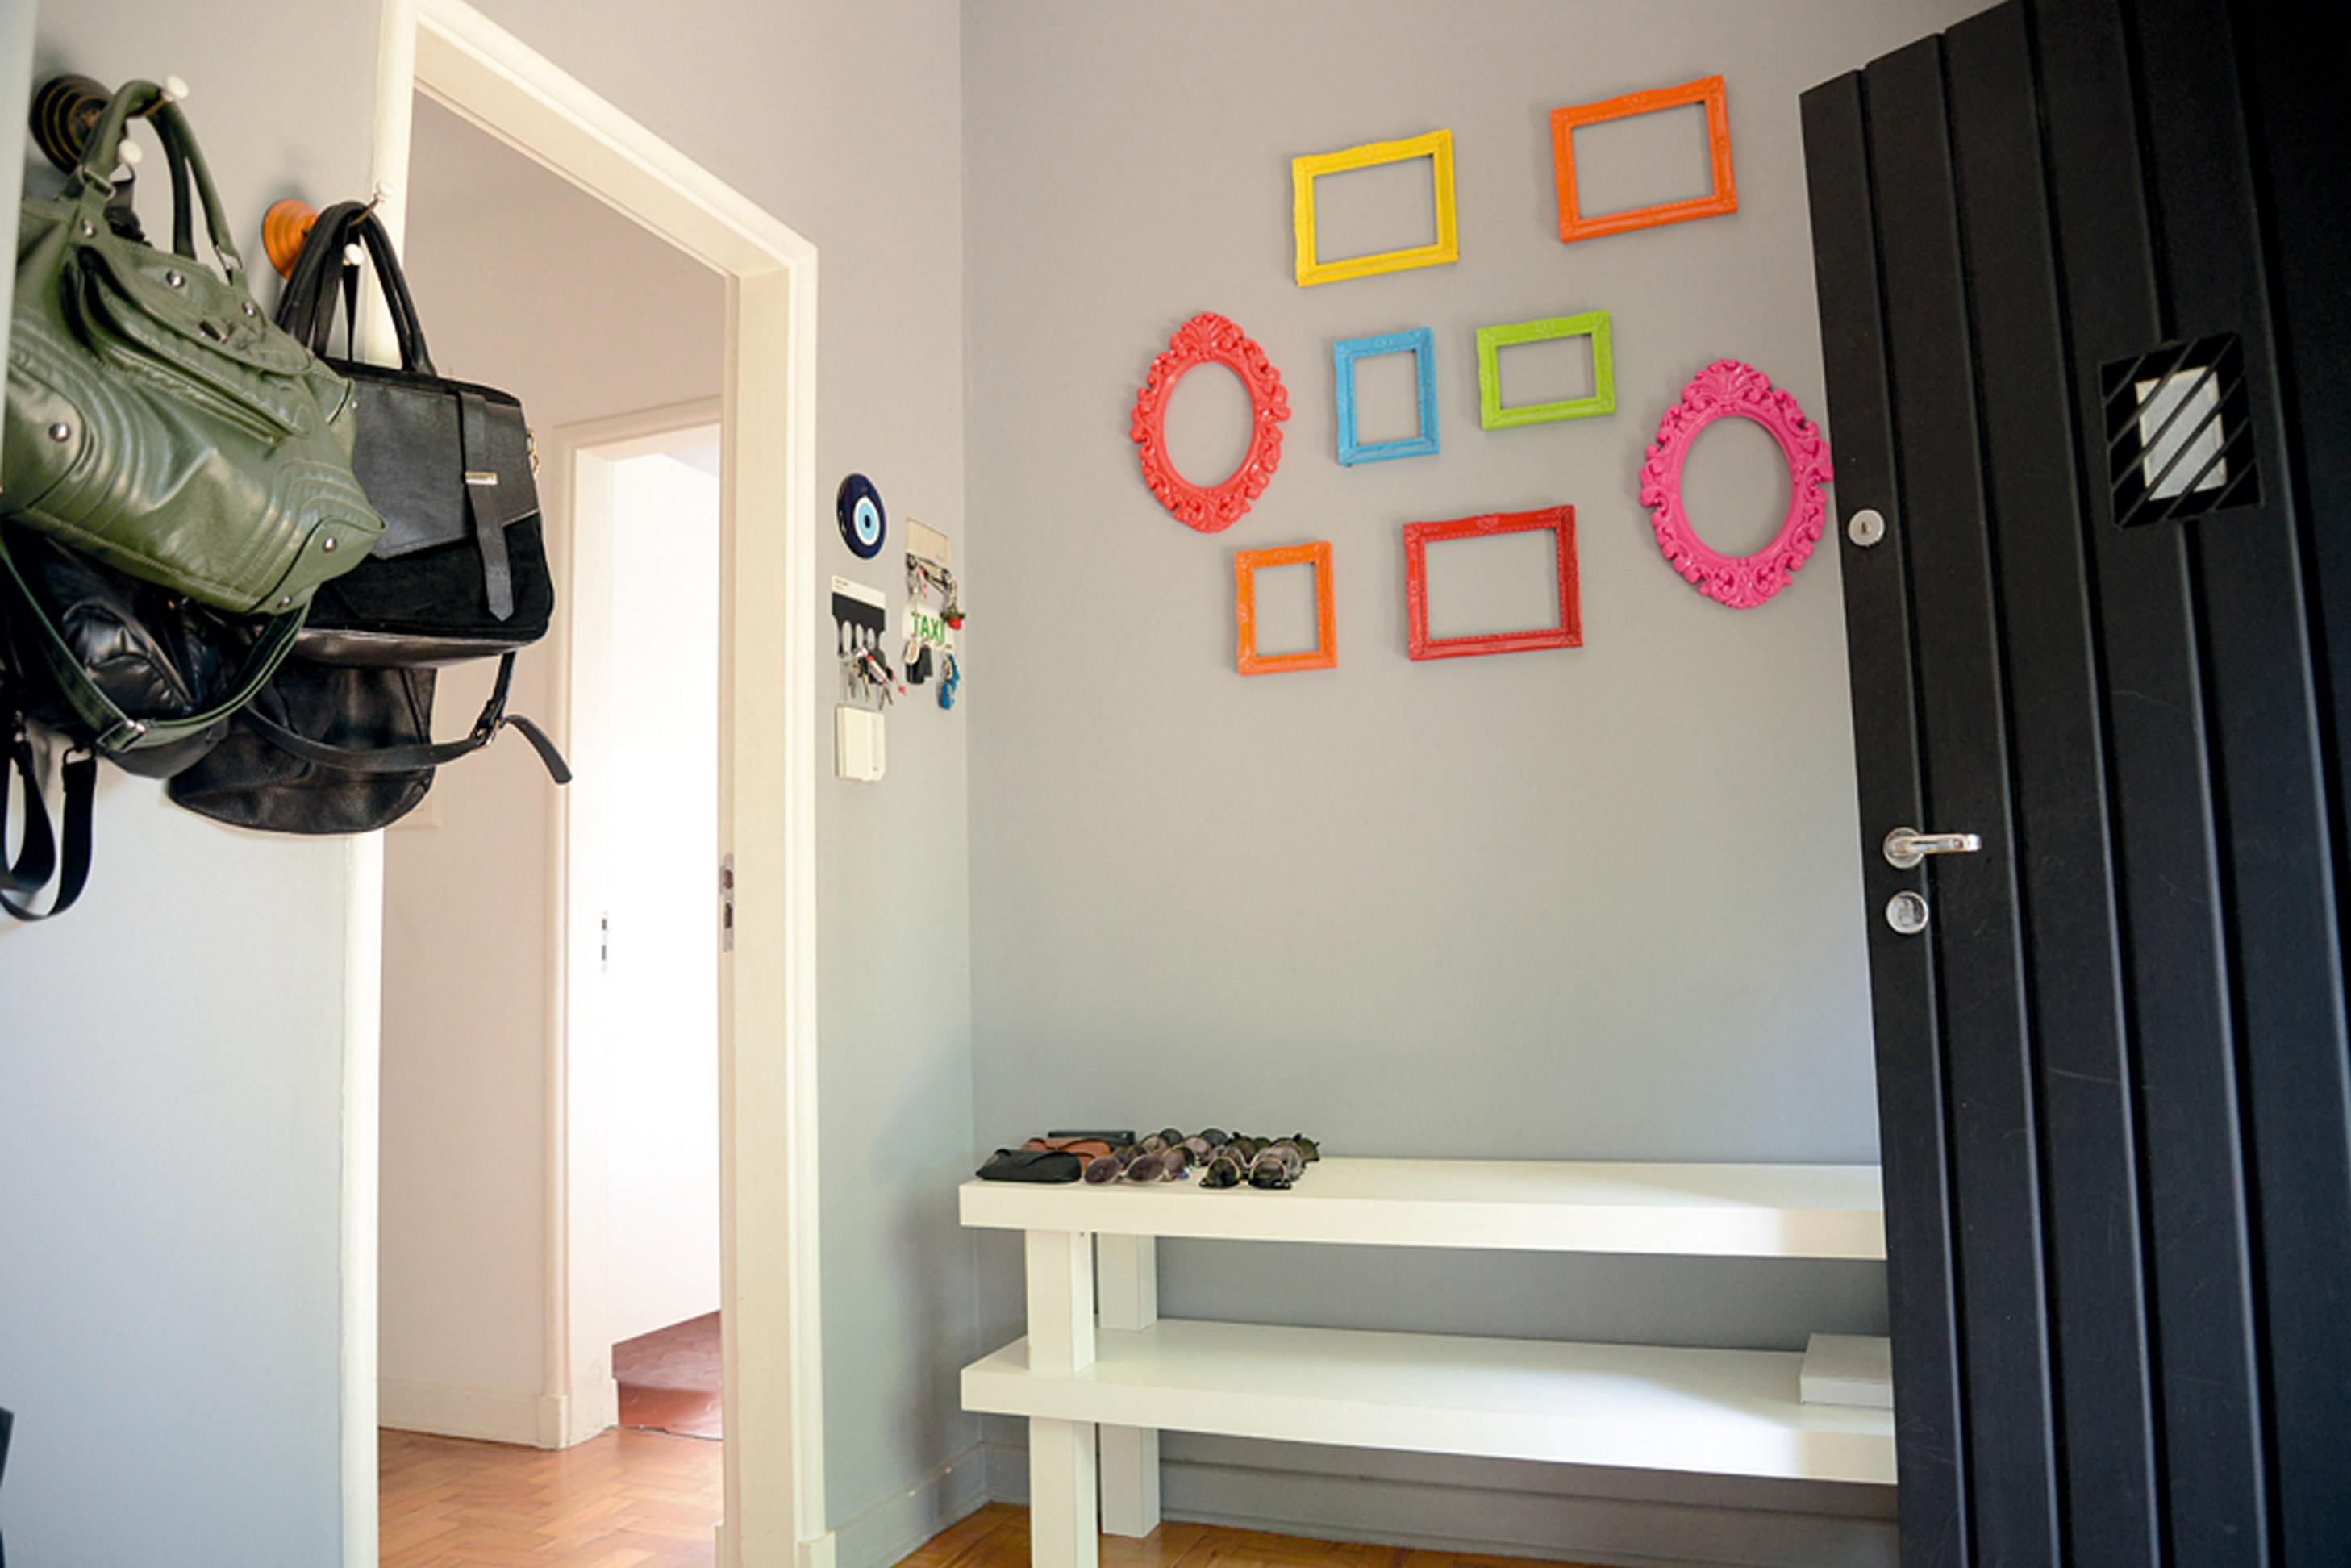 Bem-vindos: Molduras coloridas se destacam na parede cinza do hall de entrada. Um pedaço de estante do antigo apartamento serve como abrigo para bolsas, chaves, óculos e miudezas do dia a dia